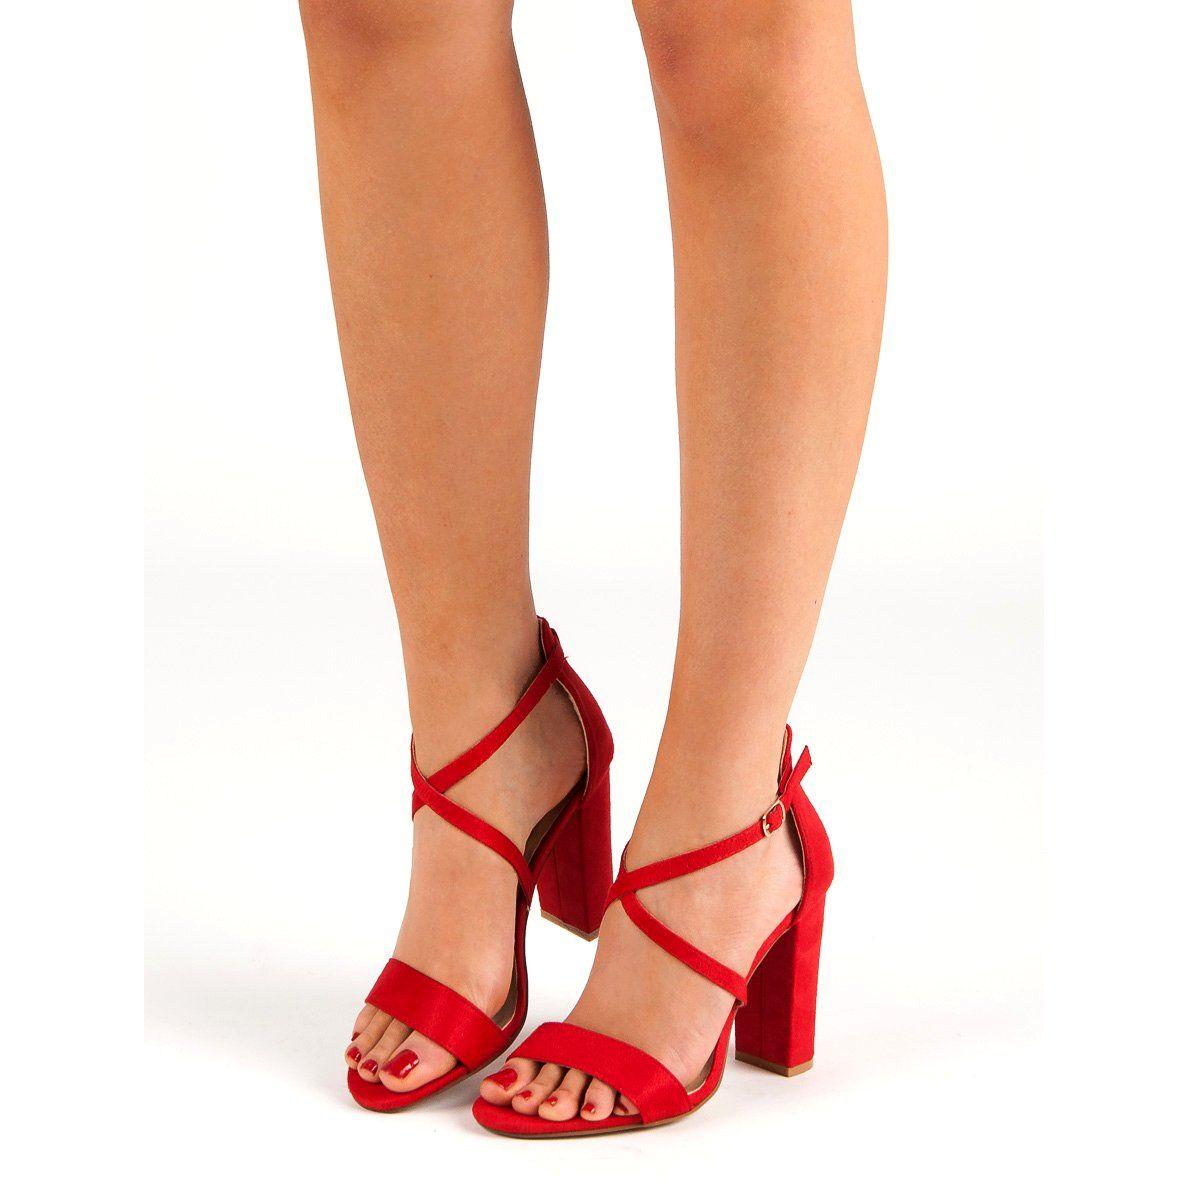 Seastar Eleganckie Czerwone Sandaly Shoes Fashion Mary Janes